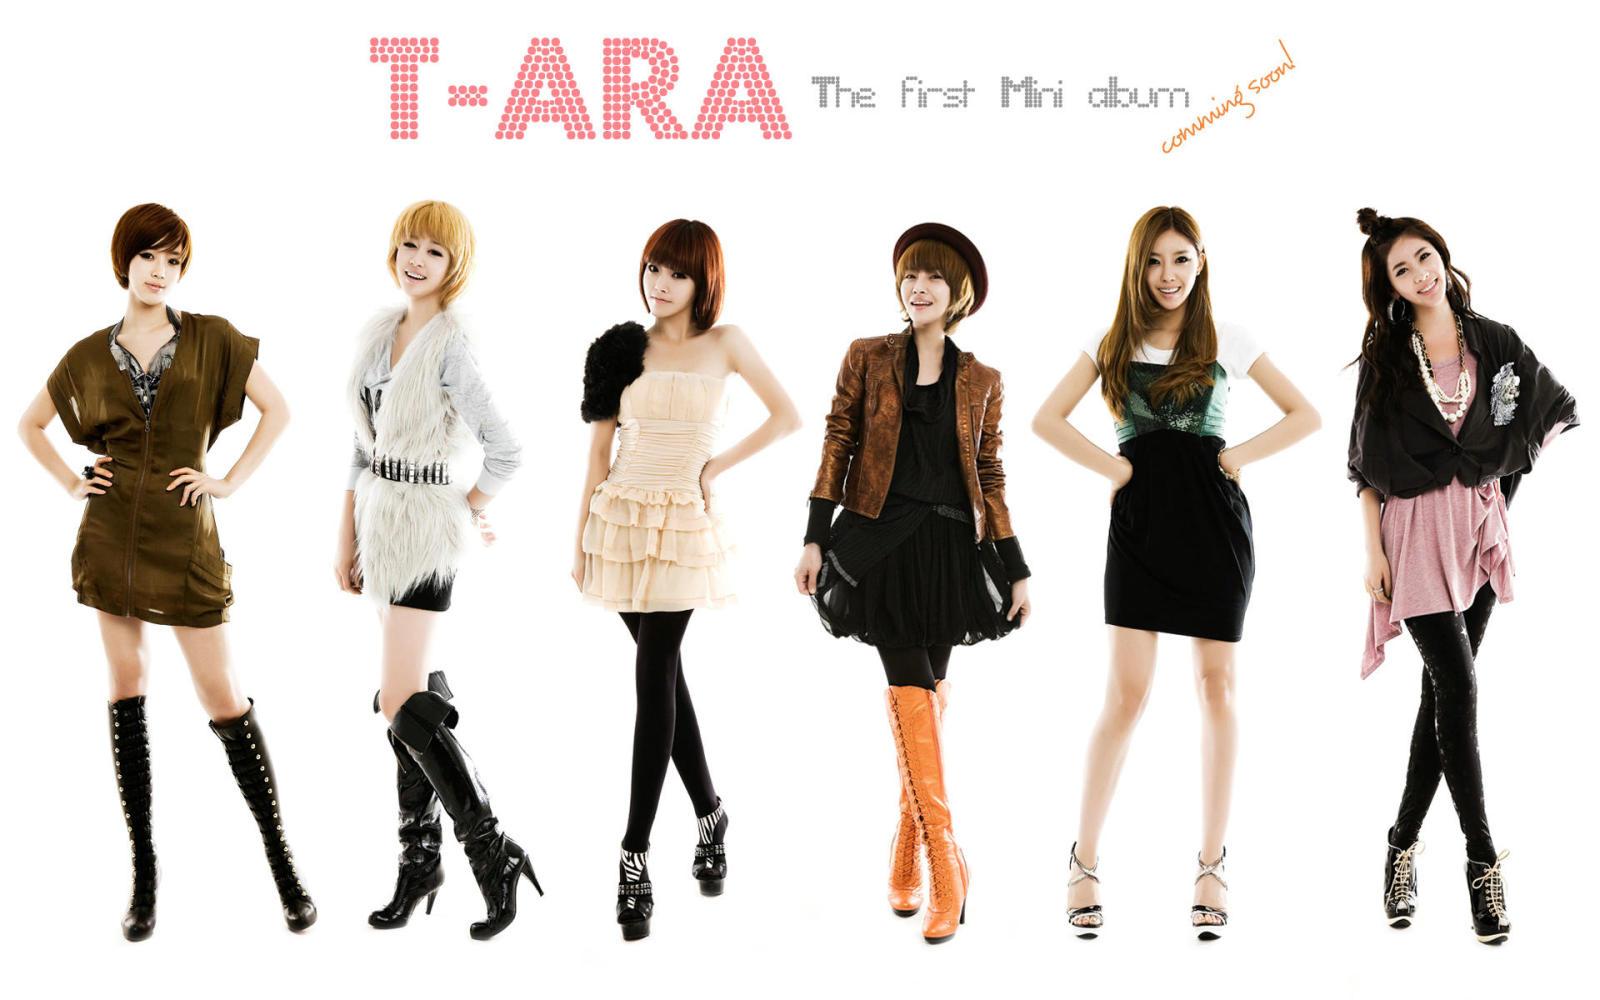 تقرير وصور عن الفرقة الجميلة T-ARA Tiara_20091120